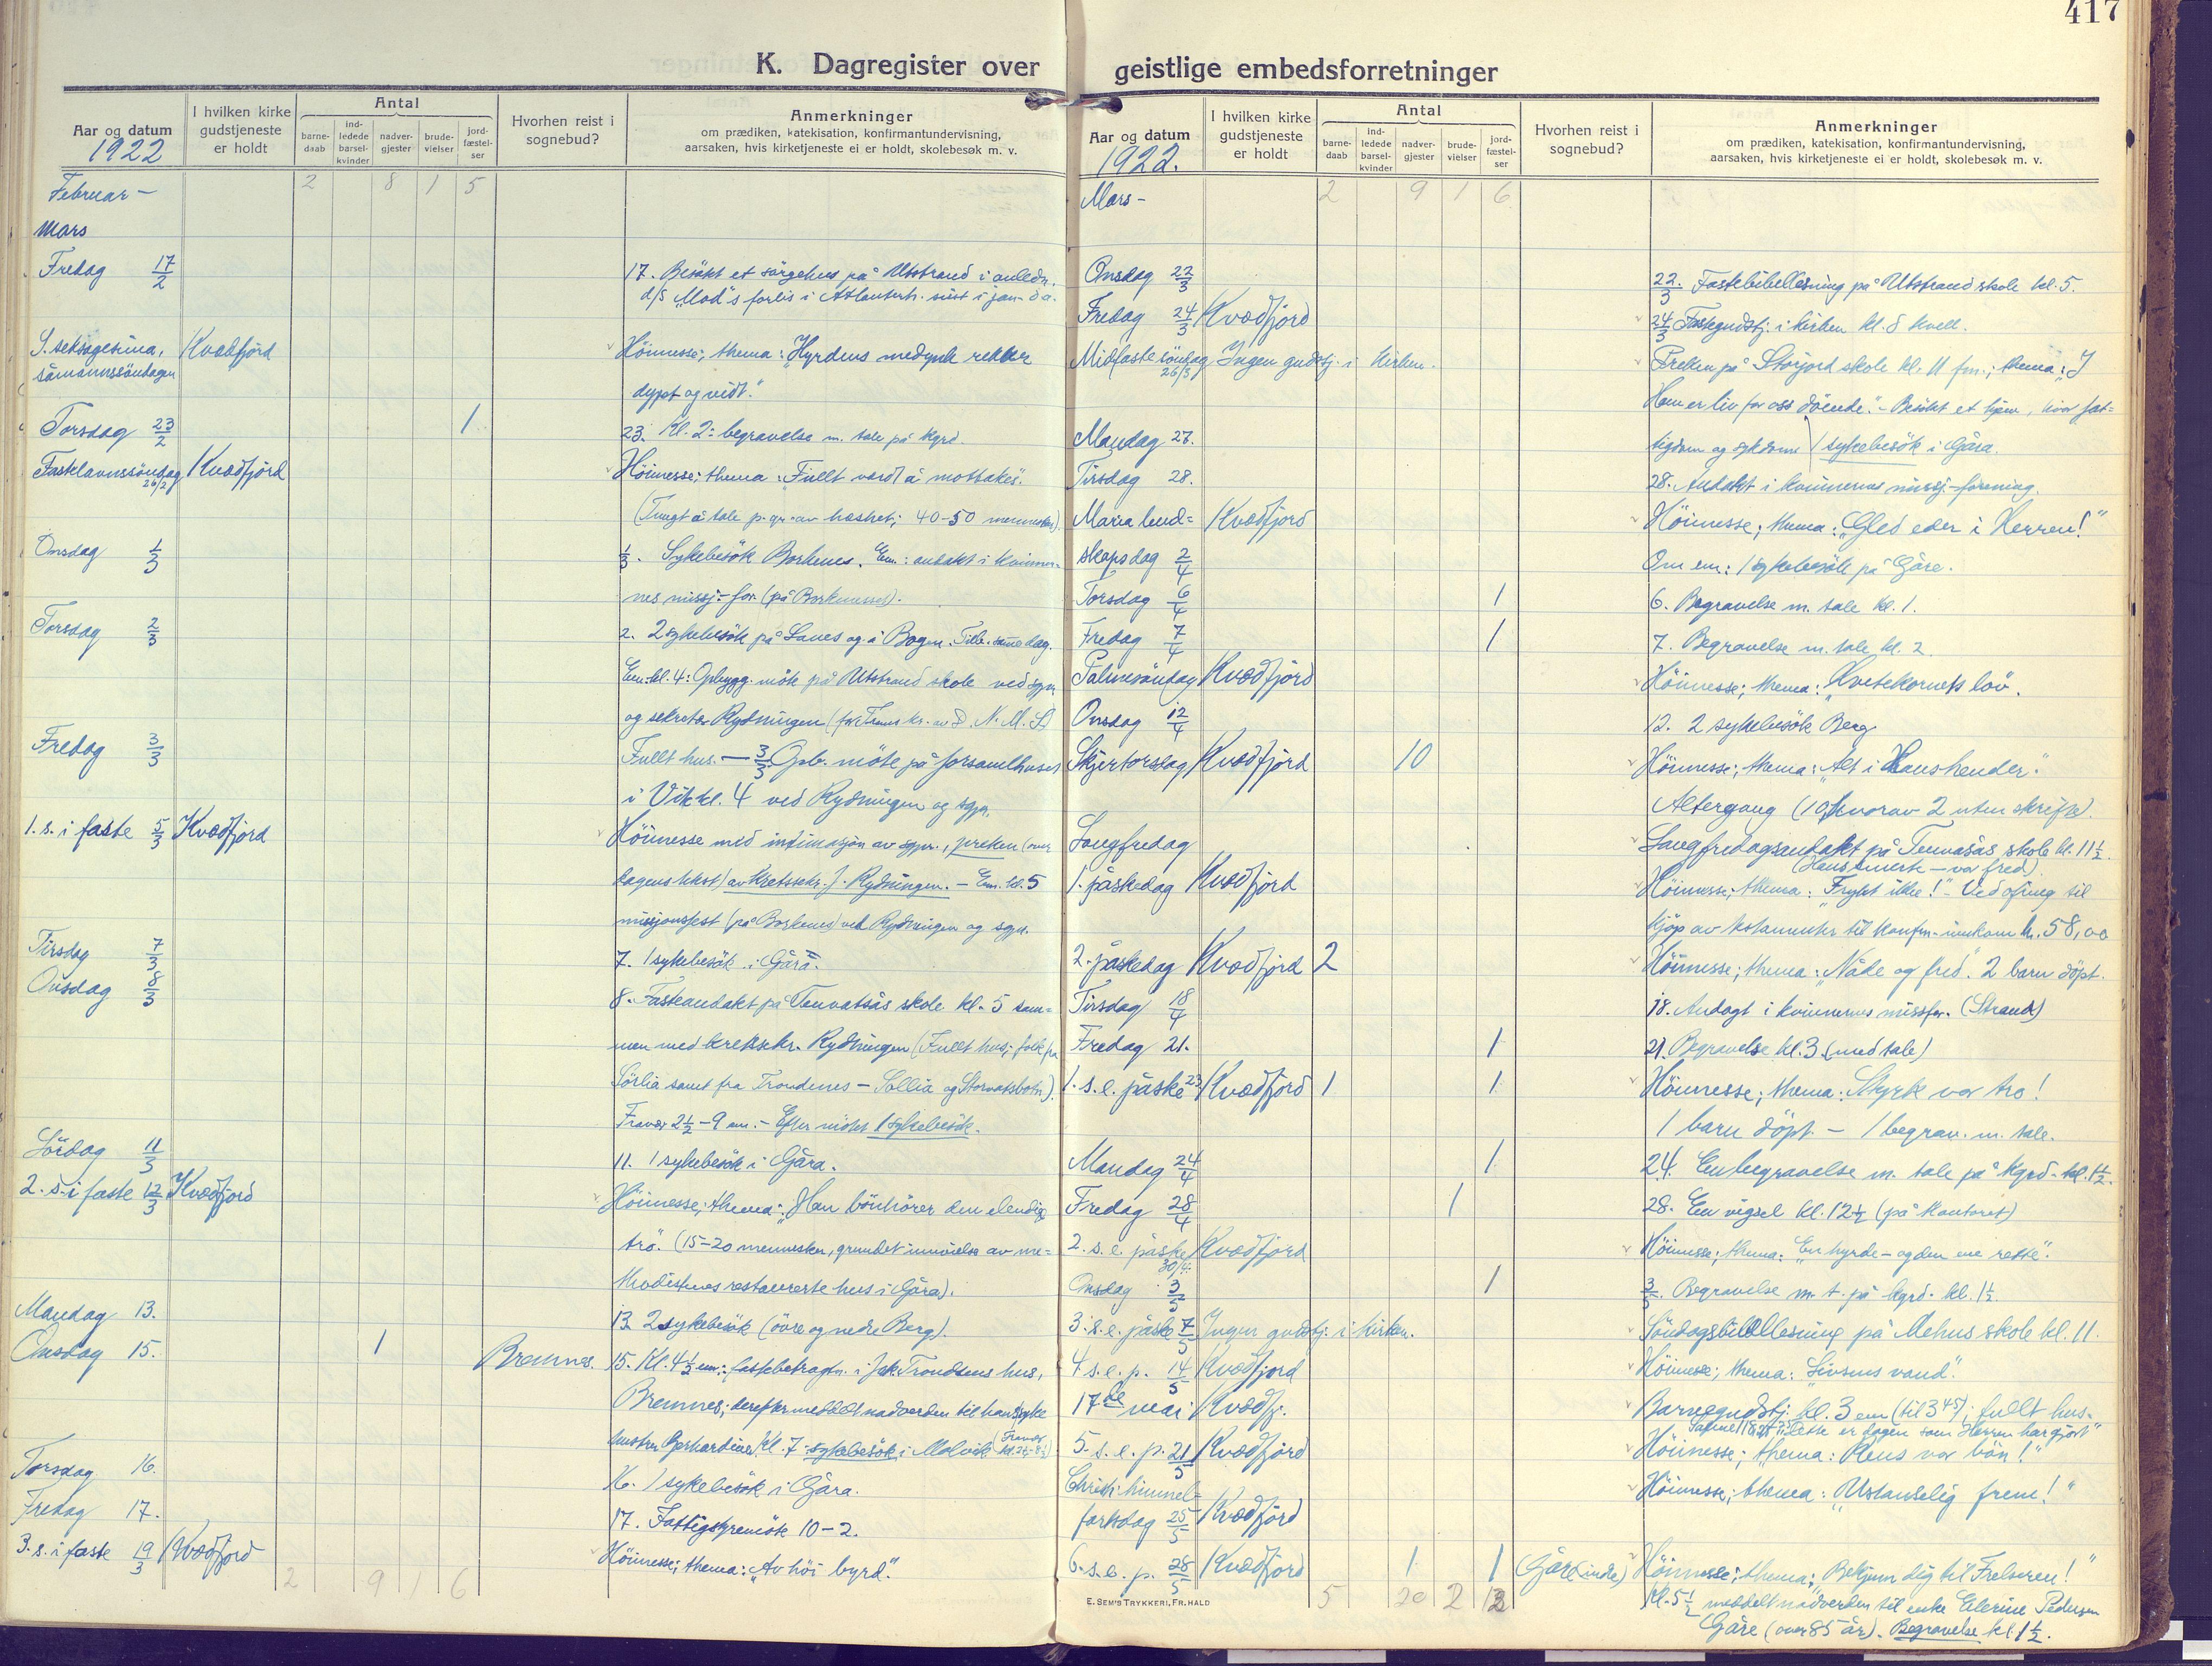 SATØ, Kvæfjord sokneprestkontor, G/Ga/Gaa/L0007kirke: Ministerialbok nr. 7, 1915-1931, s. 417